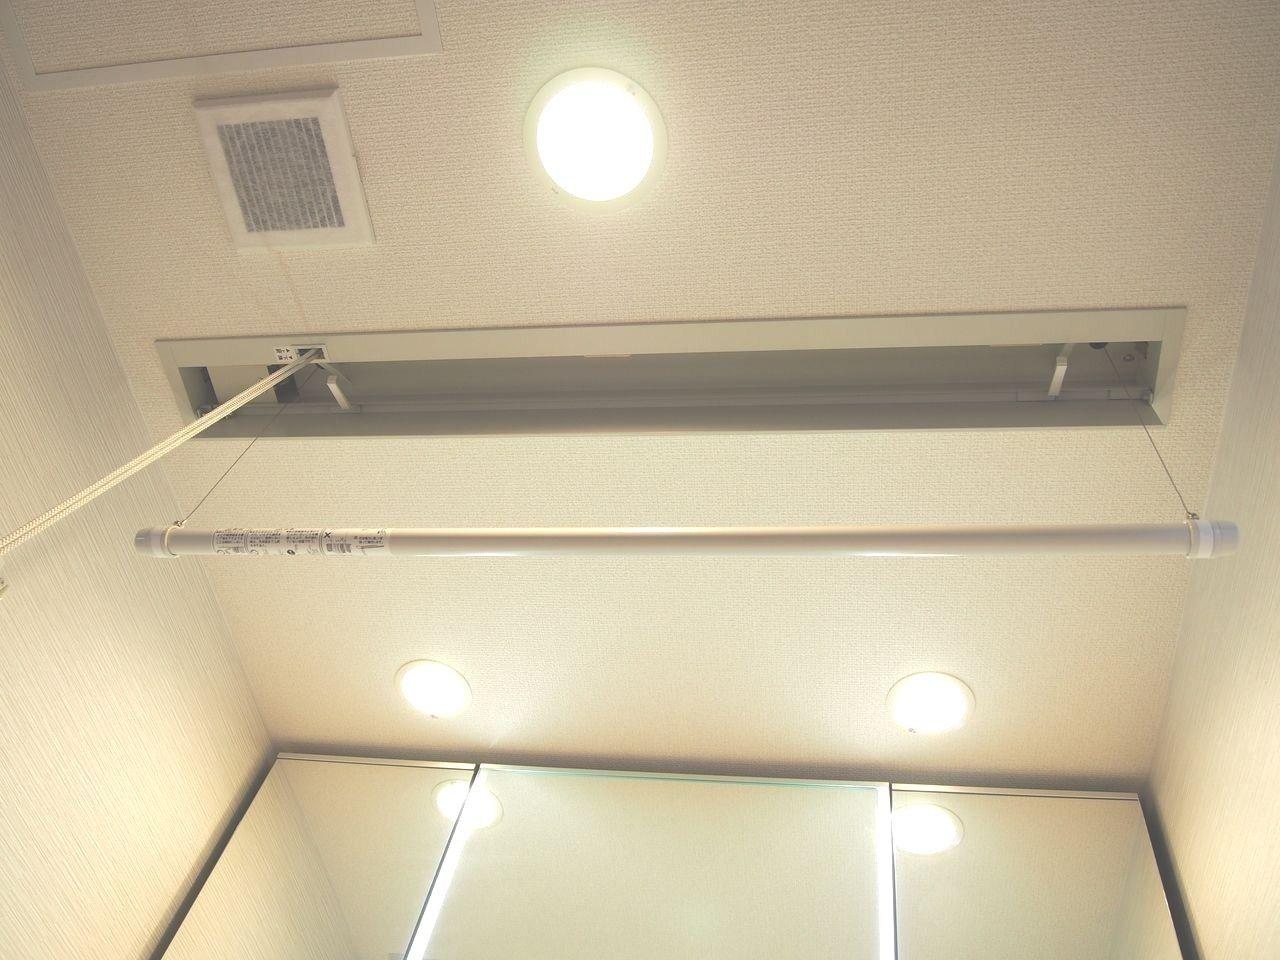 洗濯物の一時保管や雨の日の室内干しに重宝します。昇降式なので、使わない時はすっきりと天井壁内に納まります。